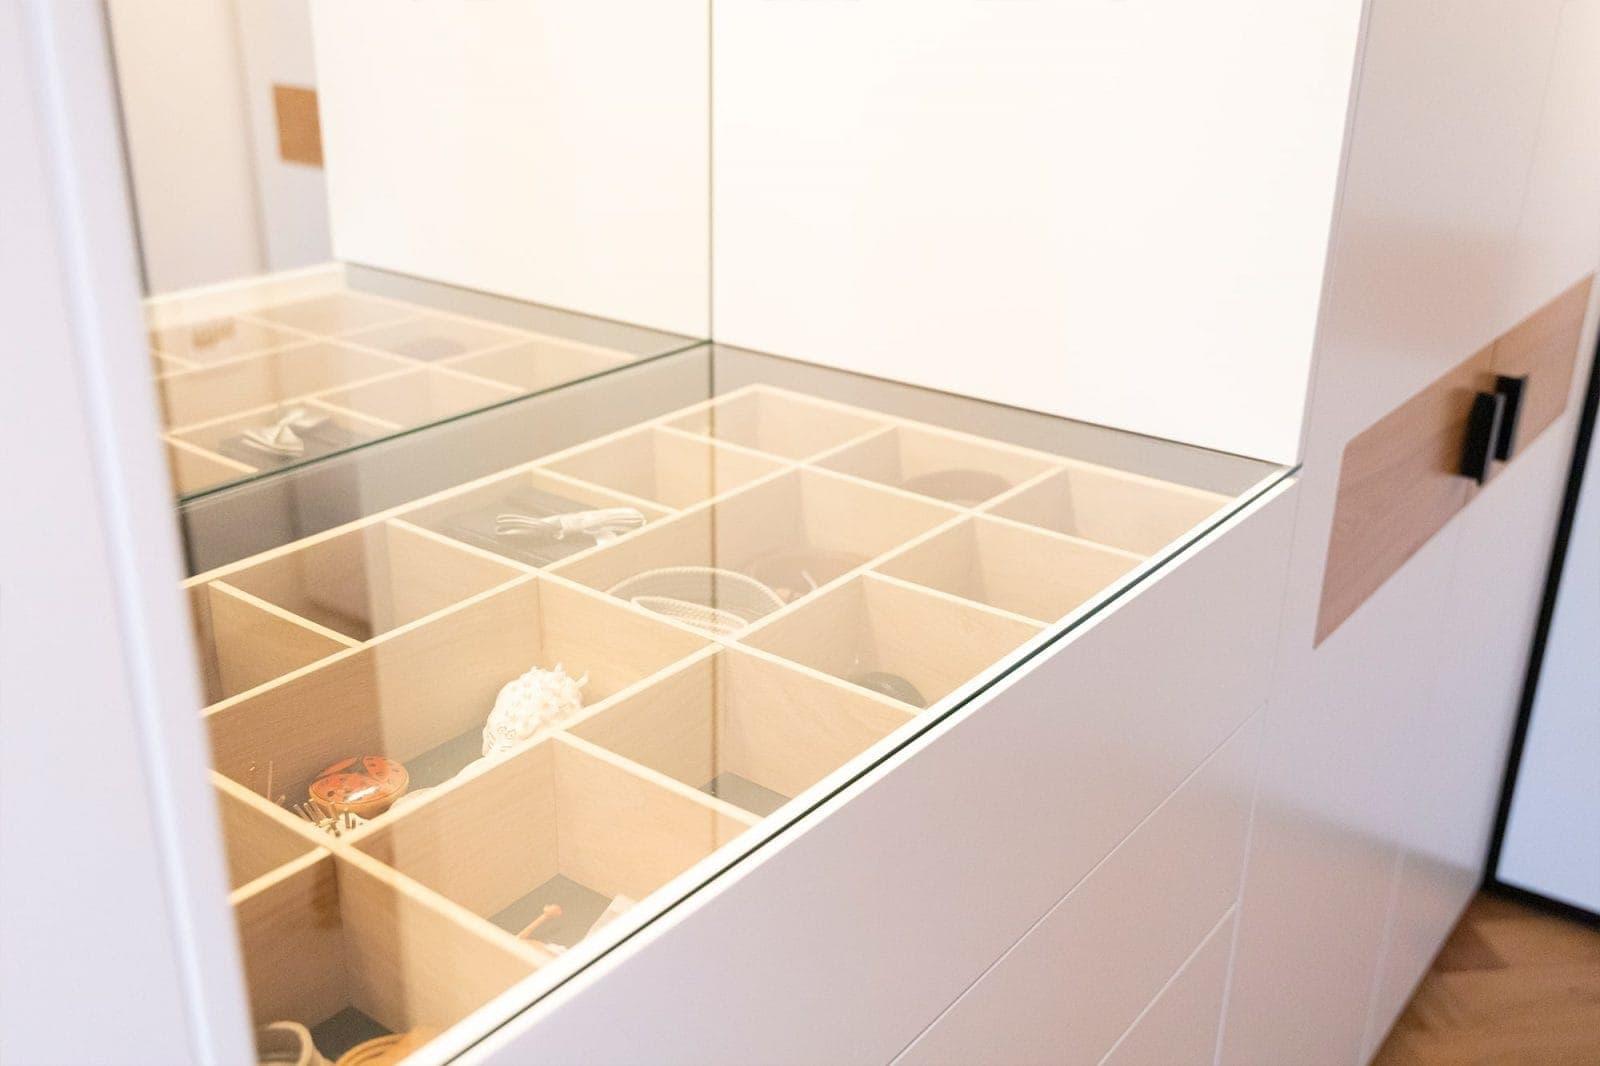 Atelier19 Inloopkast Op Maat gemaakt door meubelmaker Vlaardingen